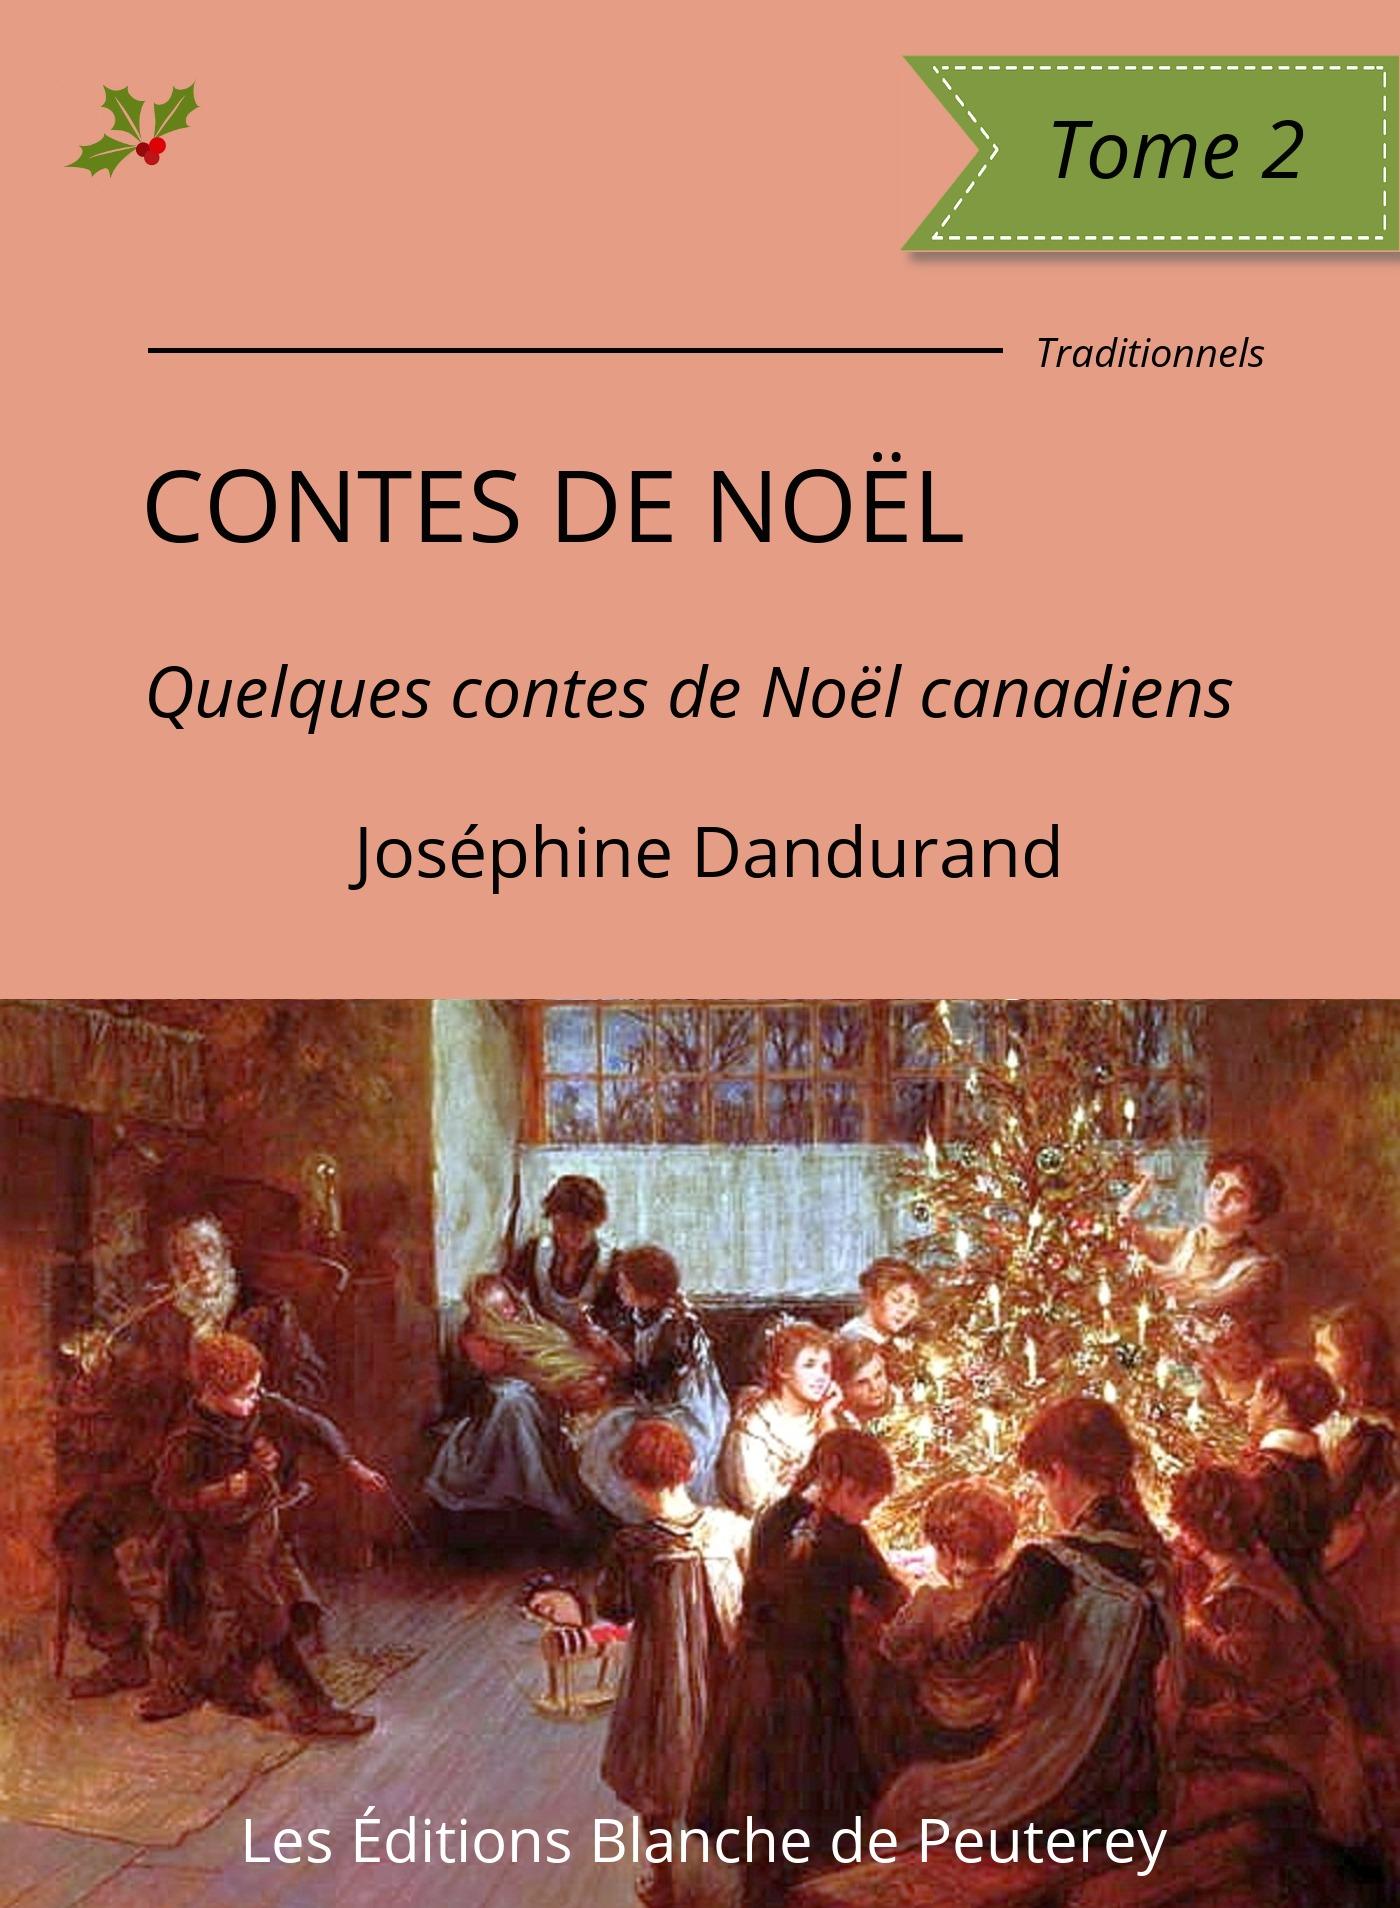 Contes de Noël (Tome 2), QUELQUES CONTES DE NOËL CANADIENS